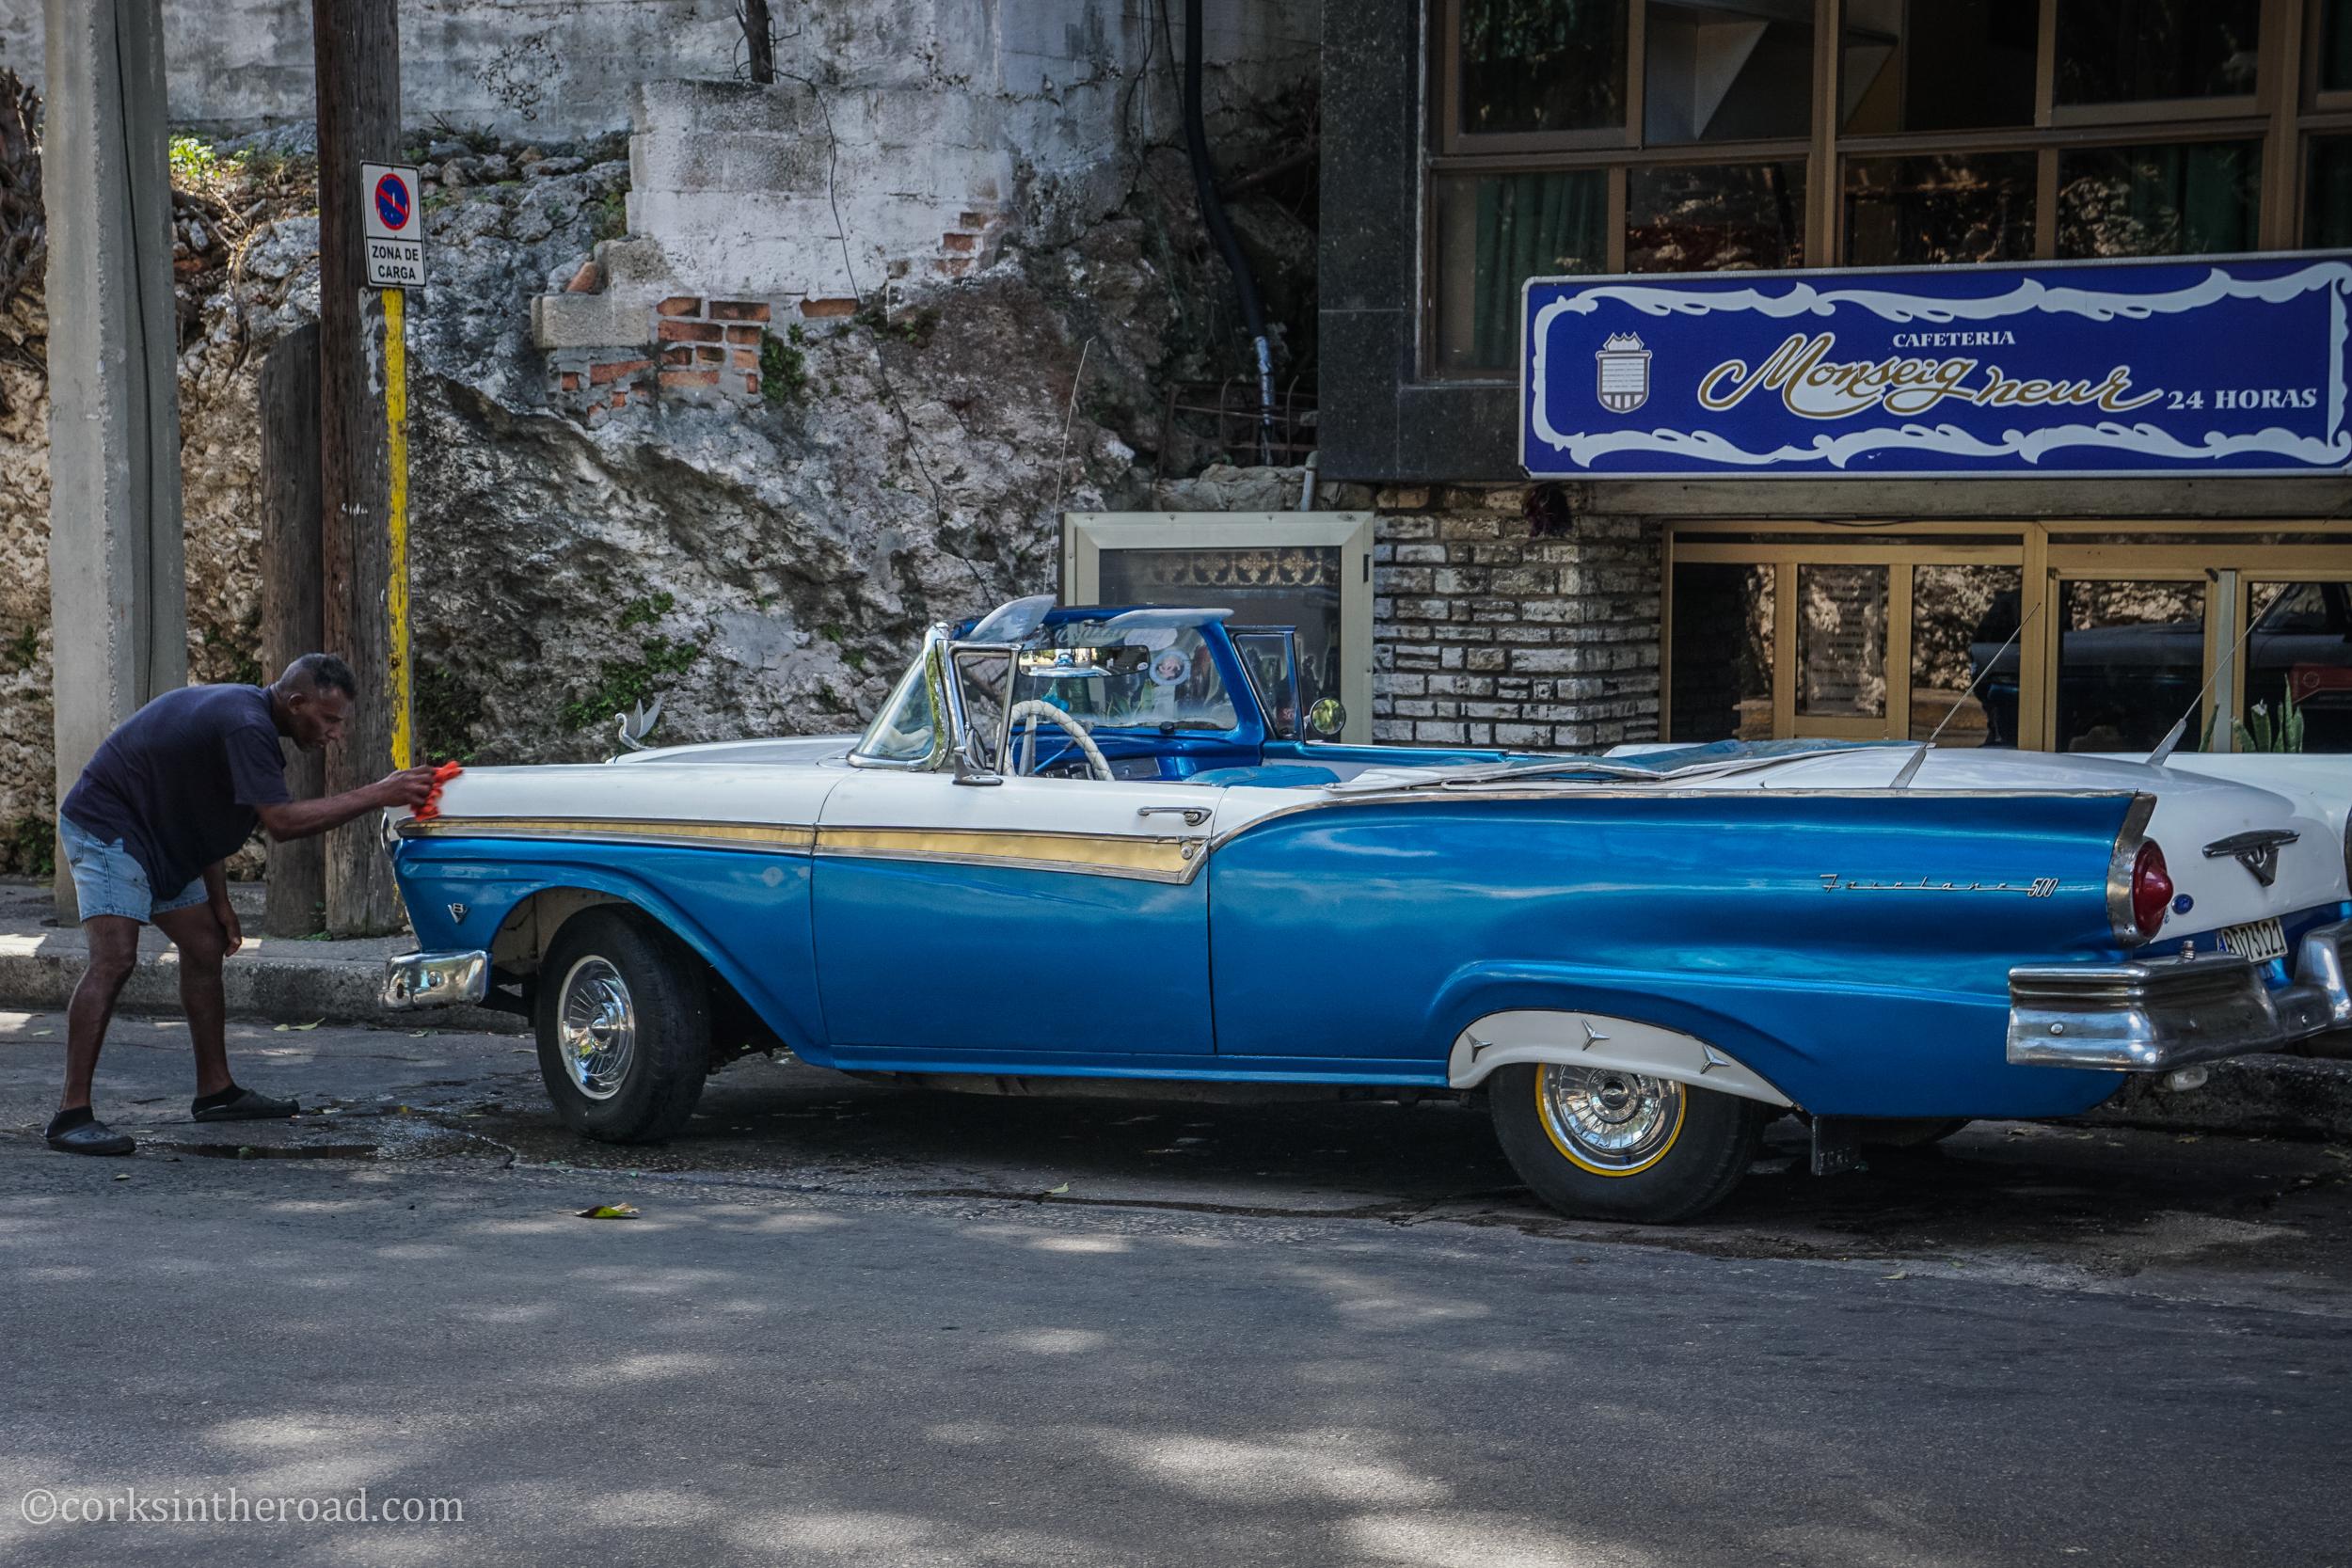 Cars, Corksintheroad, Cuba, Havana-6.jpg